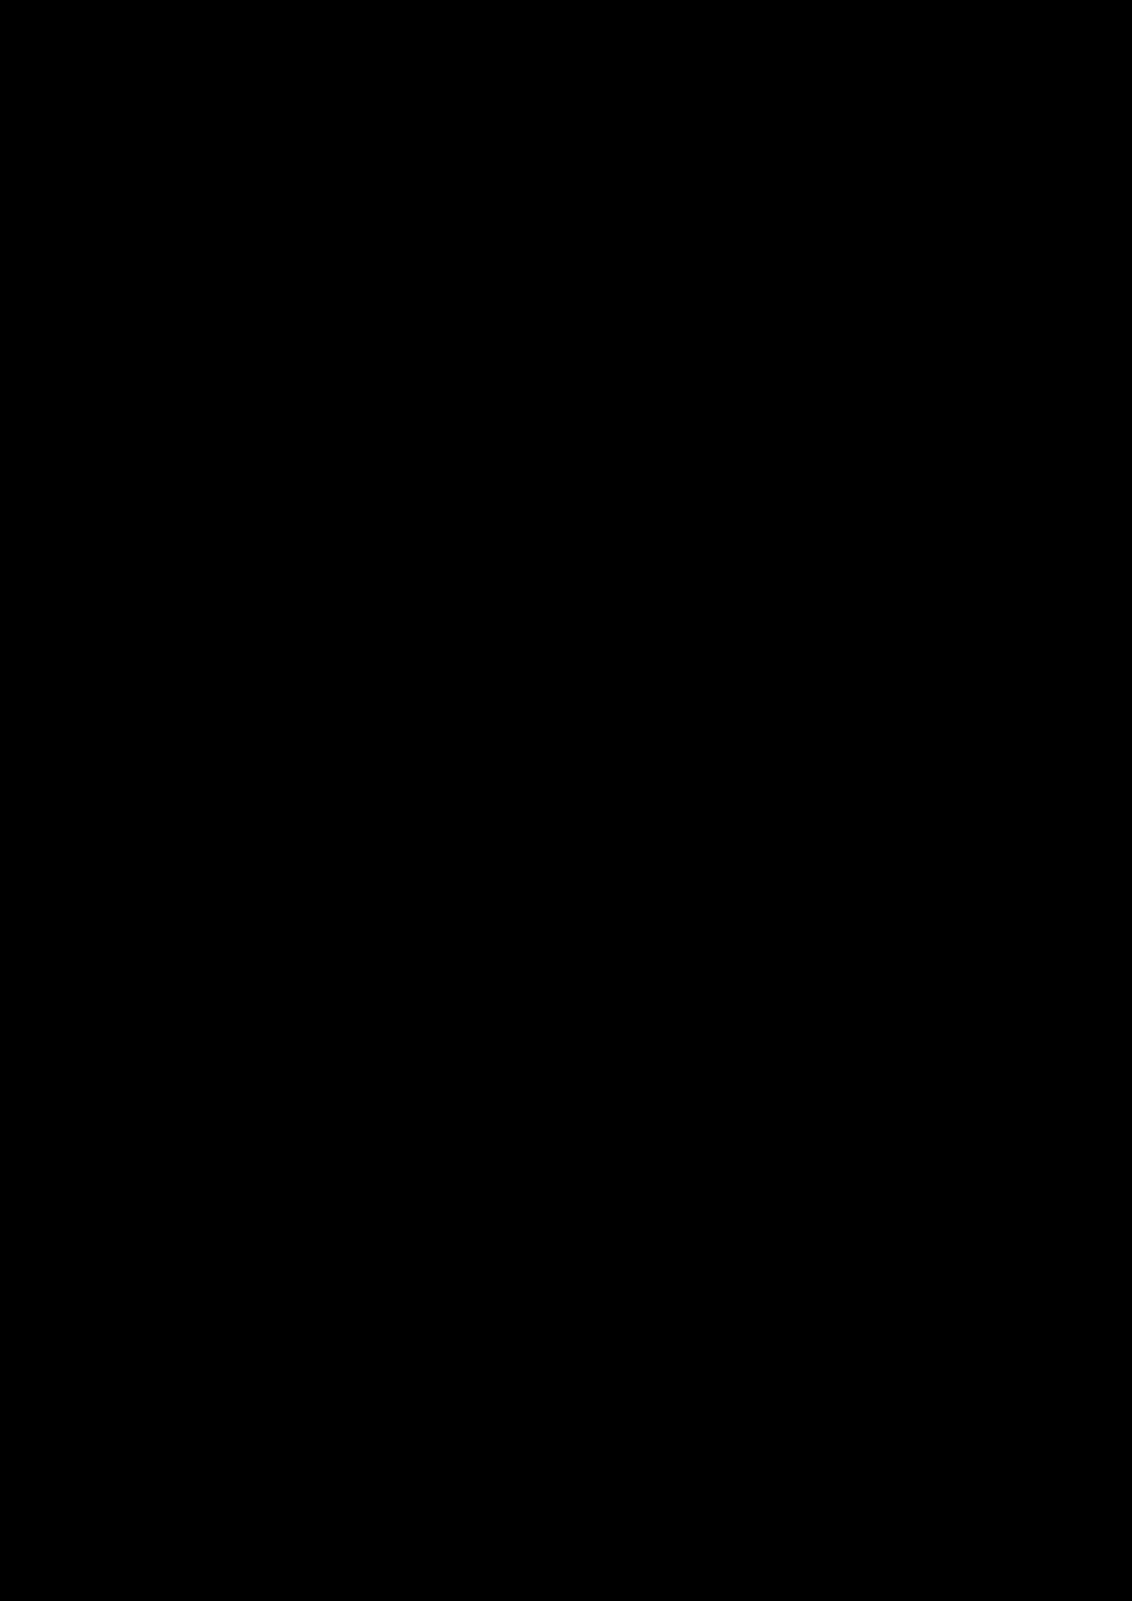 Serdtse slide, Image 40